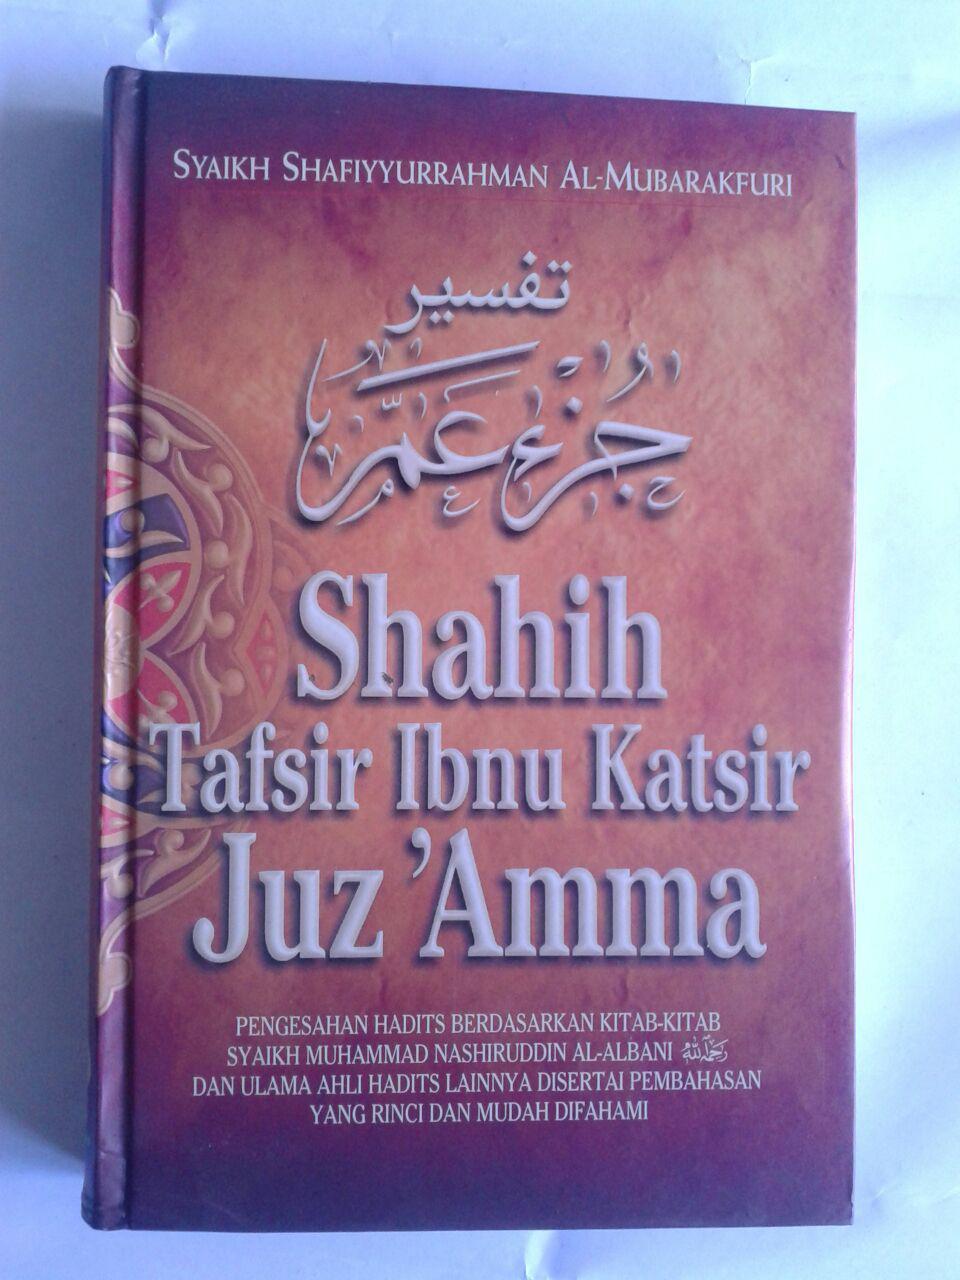 Buku Shahih Tafsir Ibnu Katsir Juz 'Amma cover